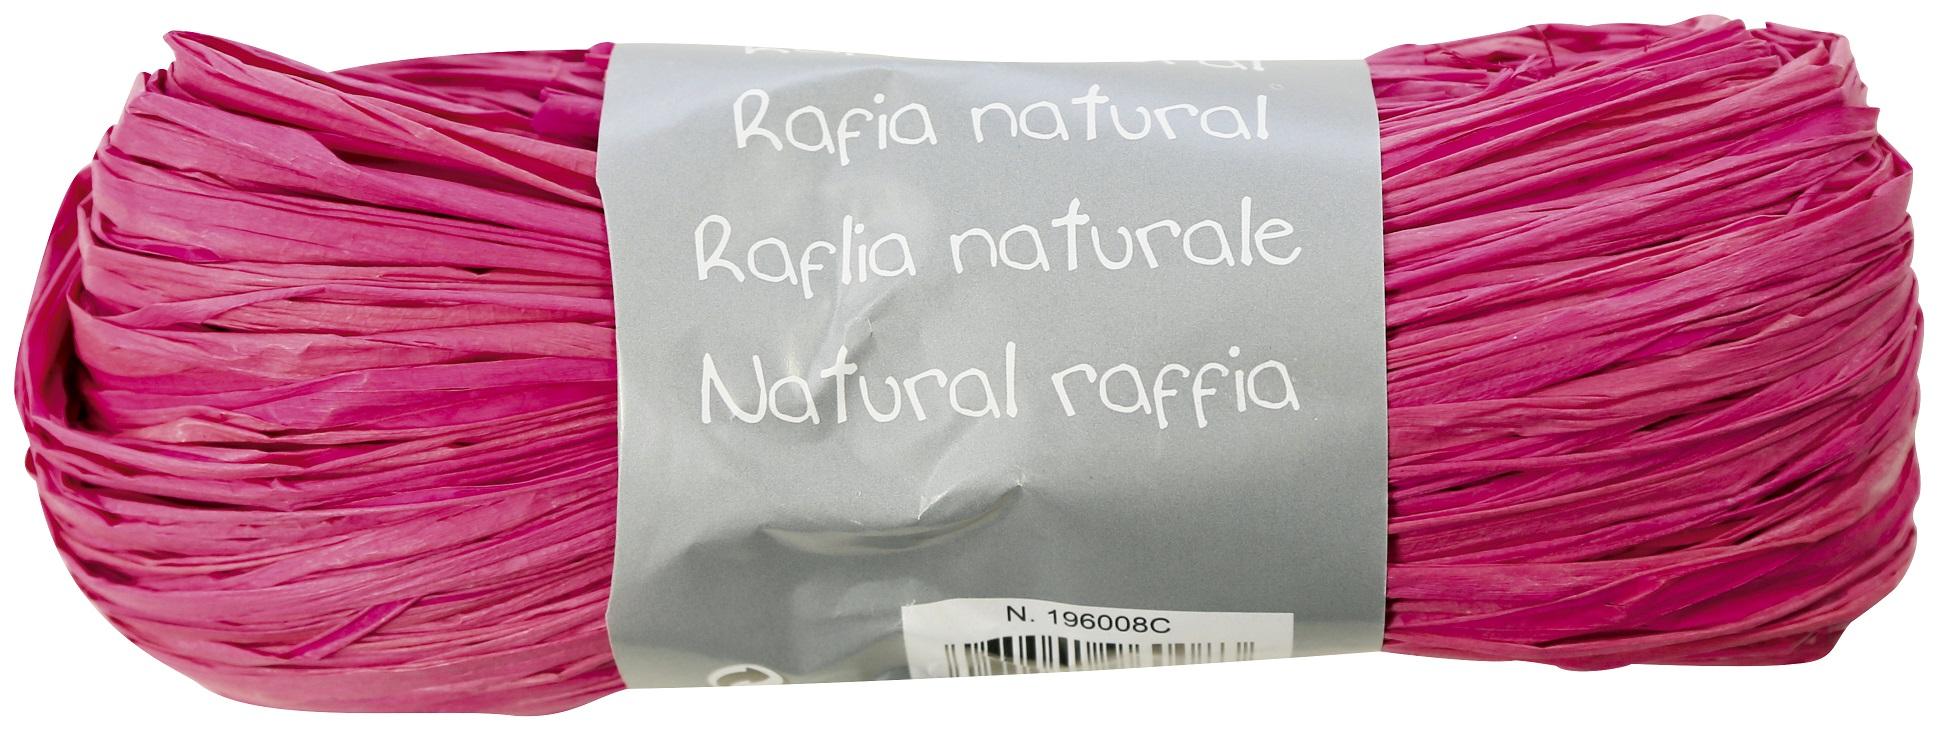 raphia rose naturel